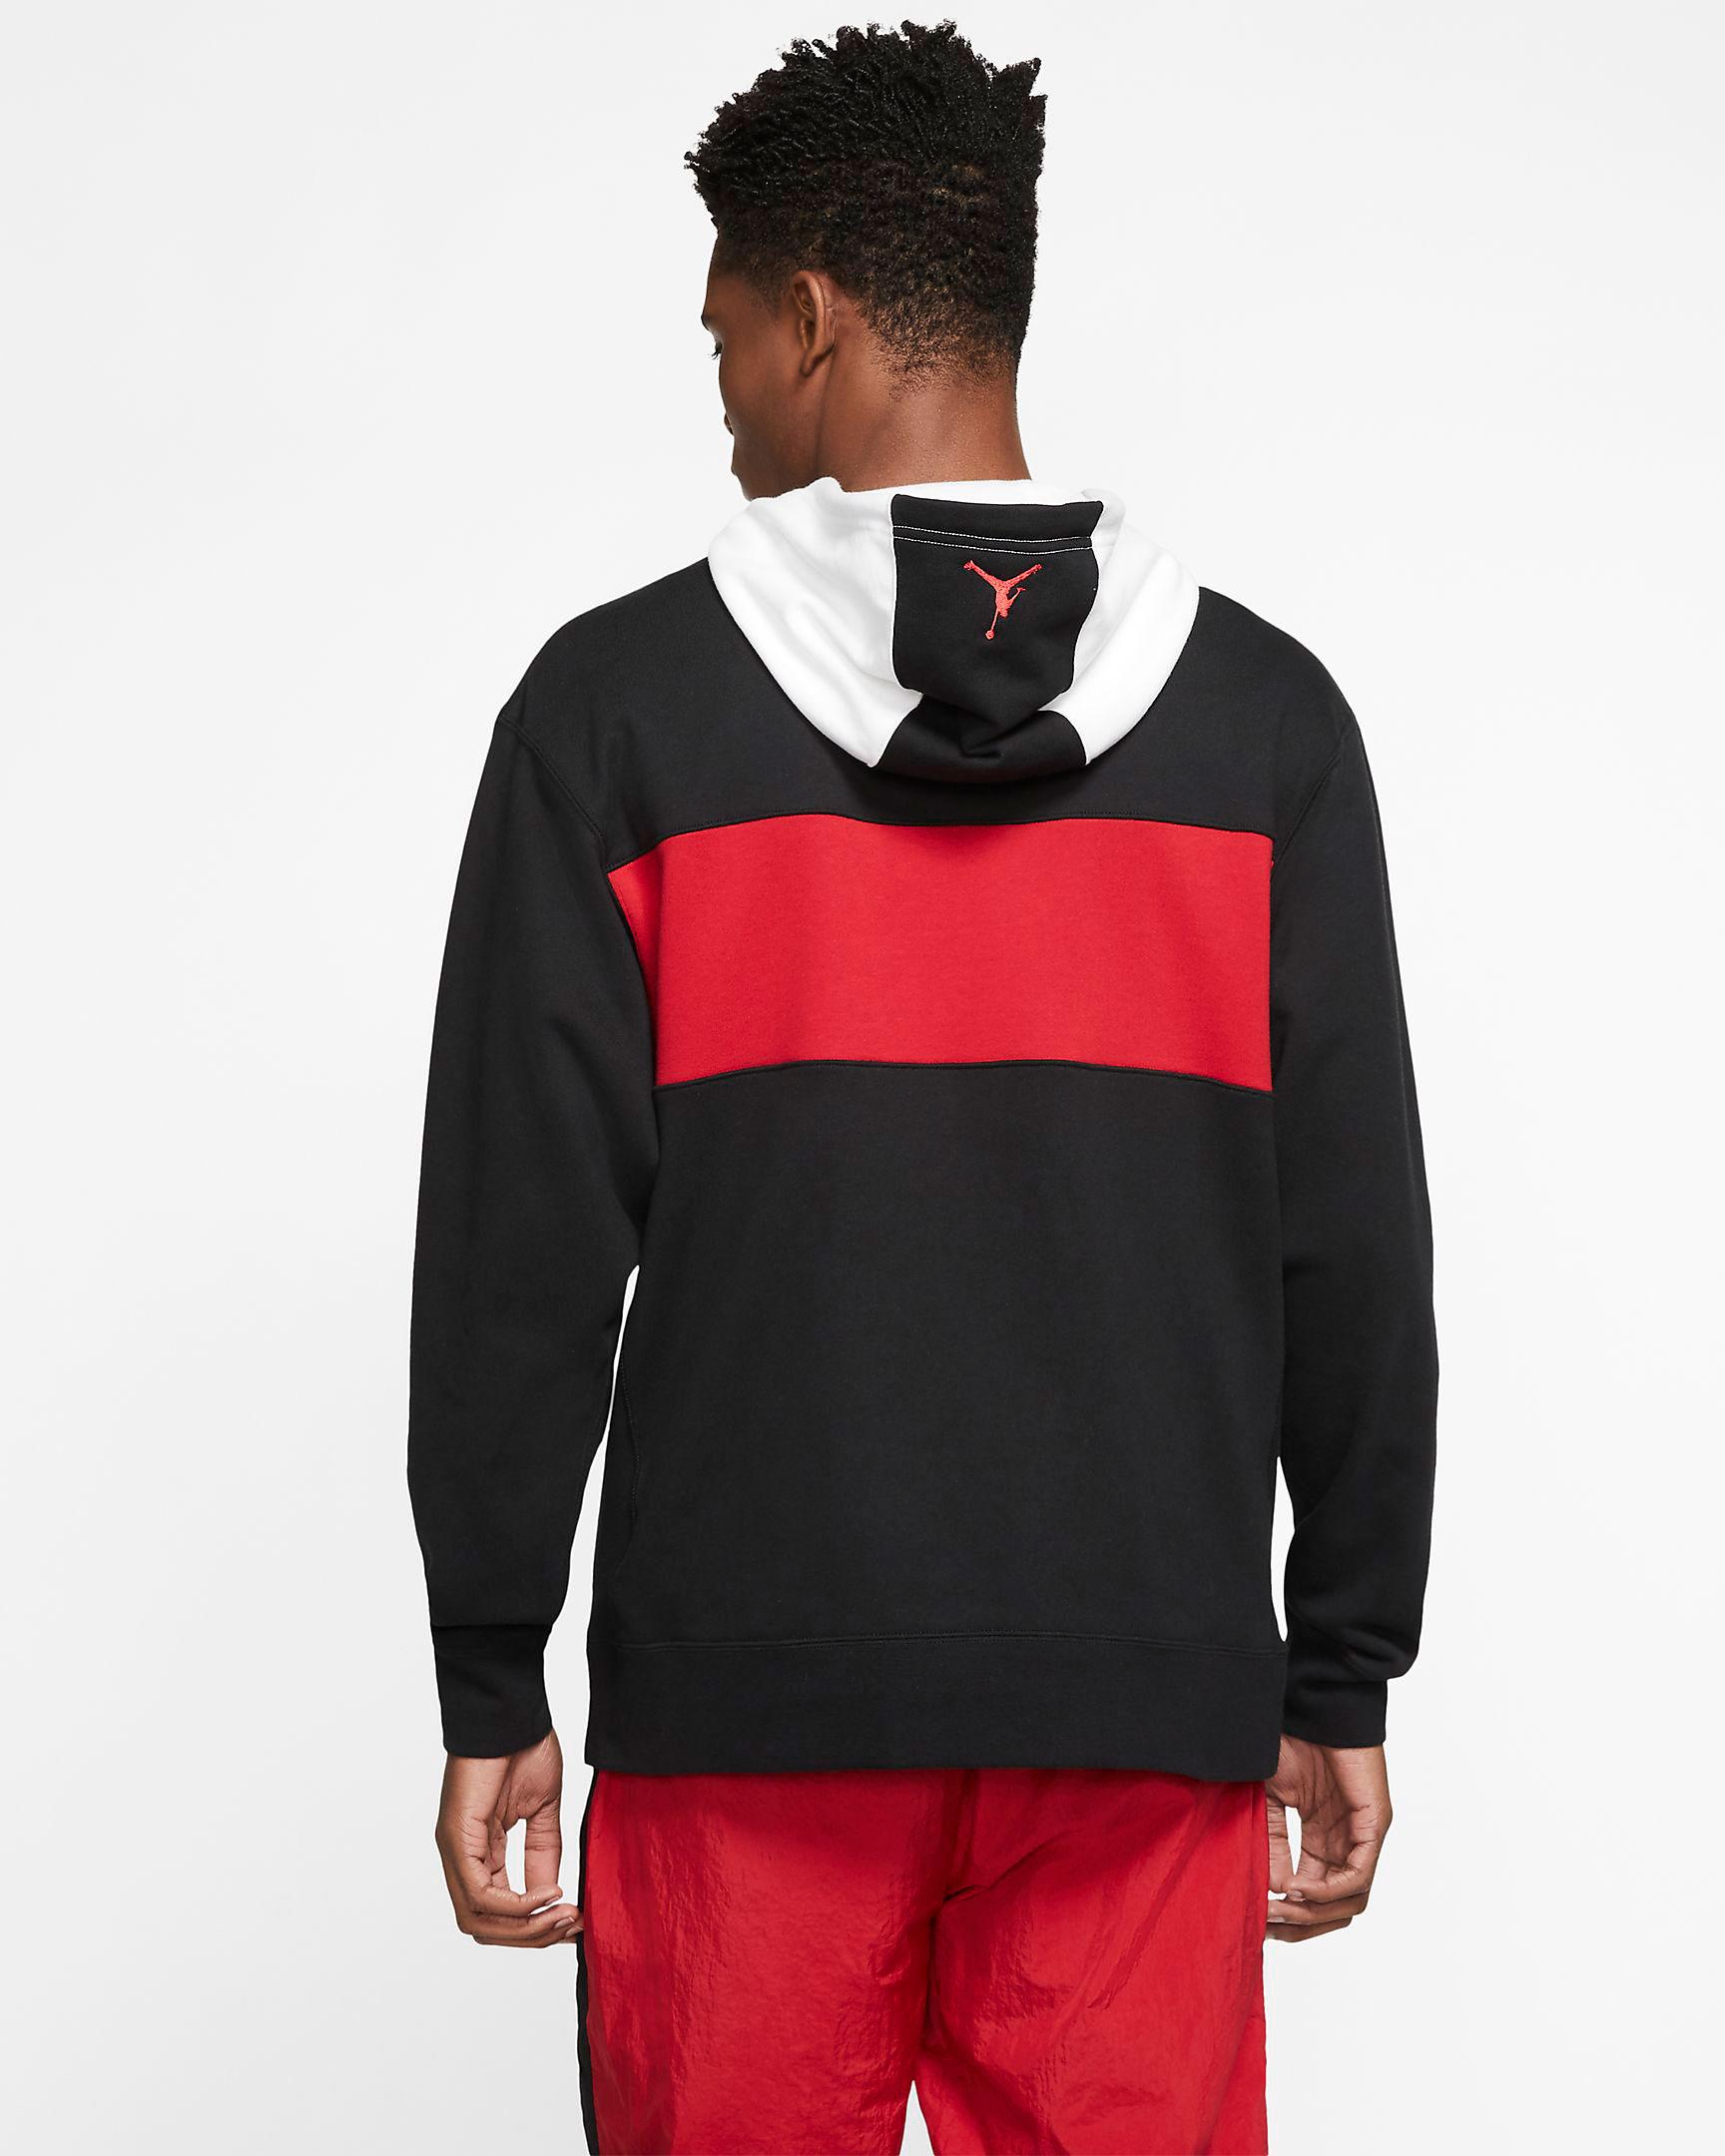 bred-air-jordan-11-hoodie-2